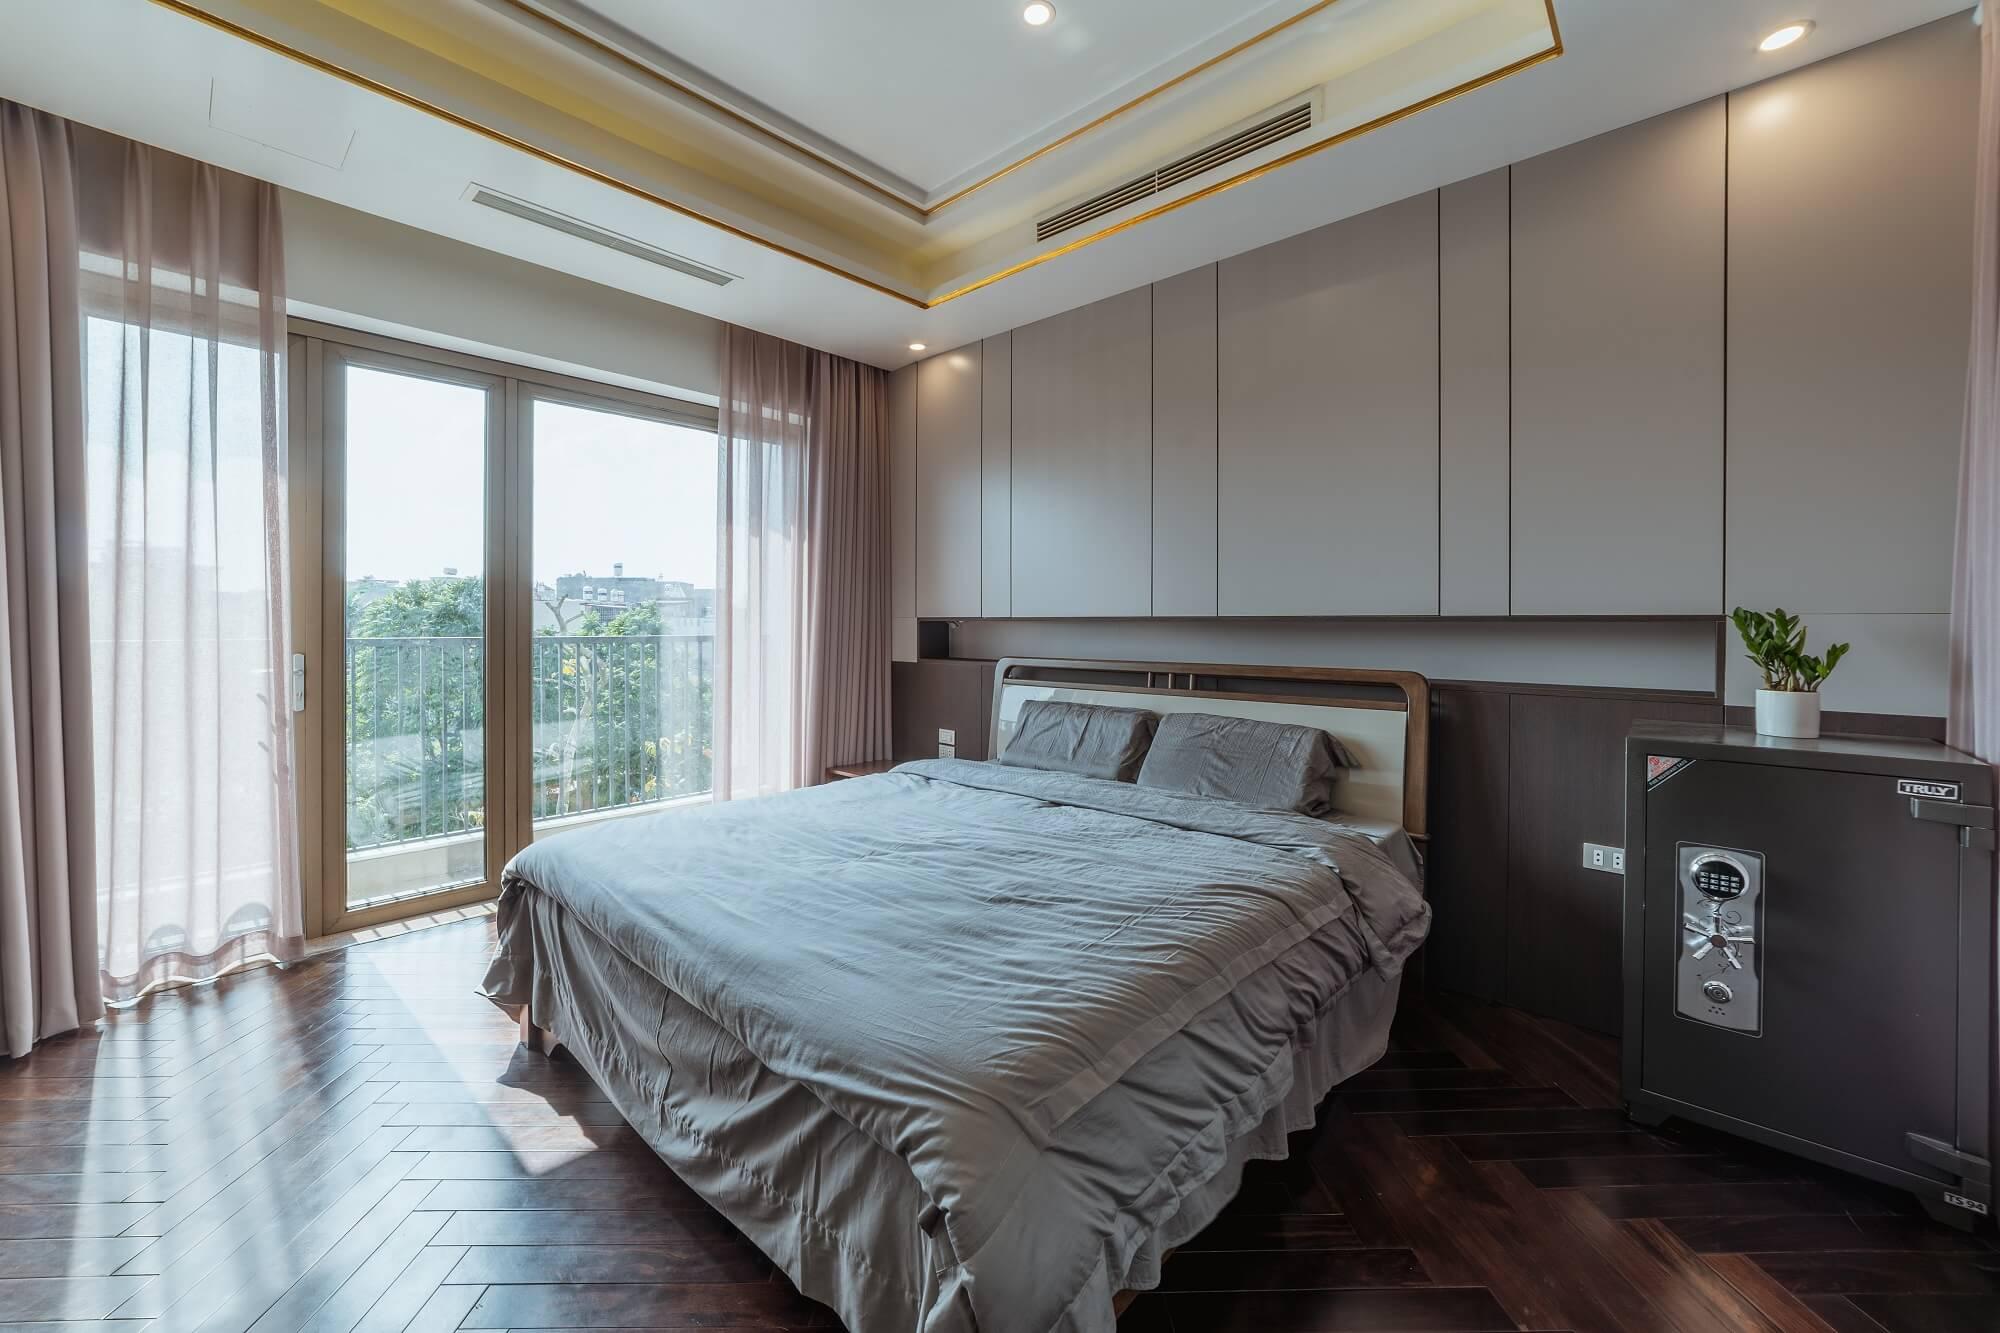 nhà phố Lô 22 Lê Hồng Phong Hải Phòng